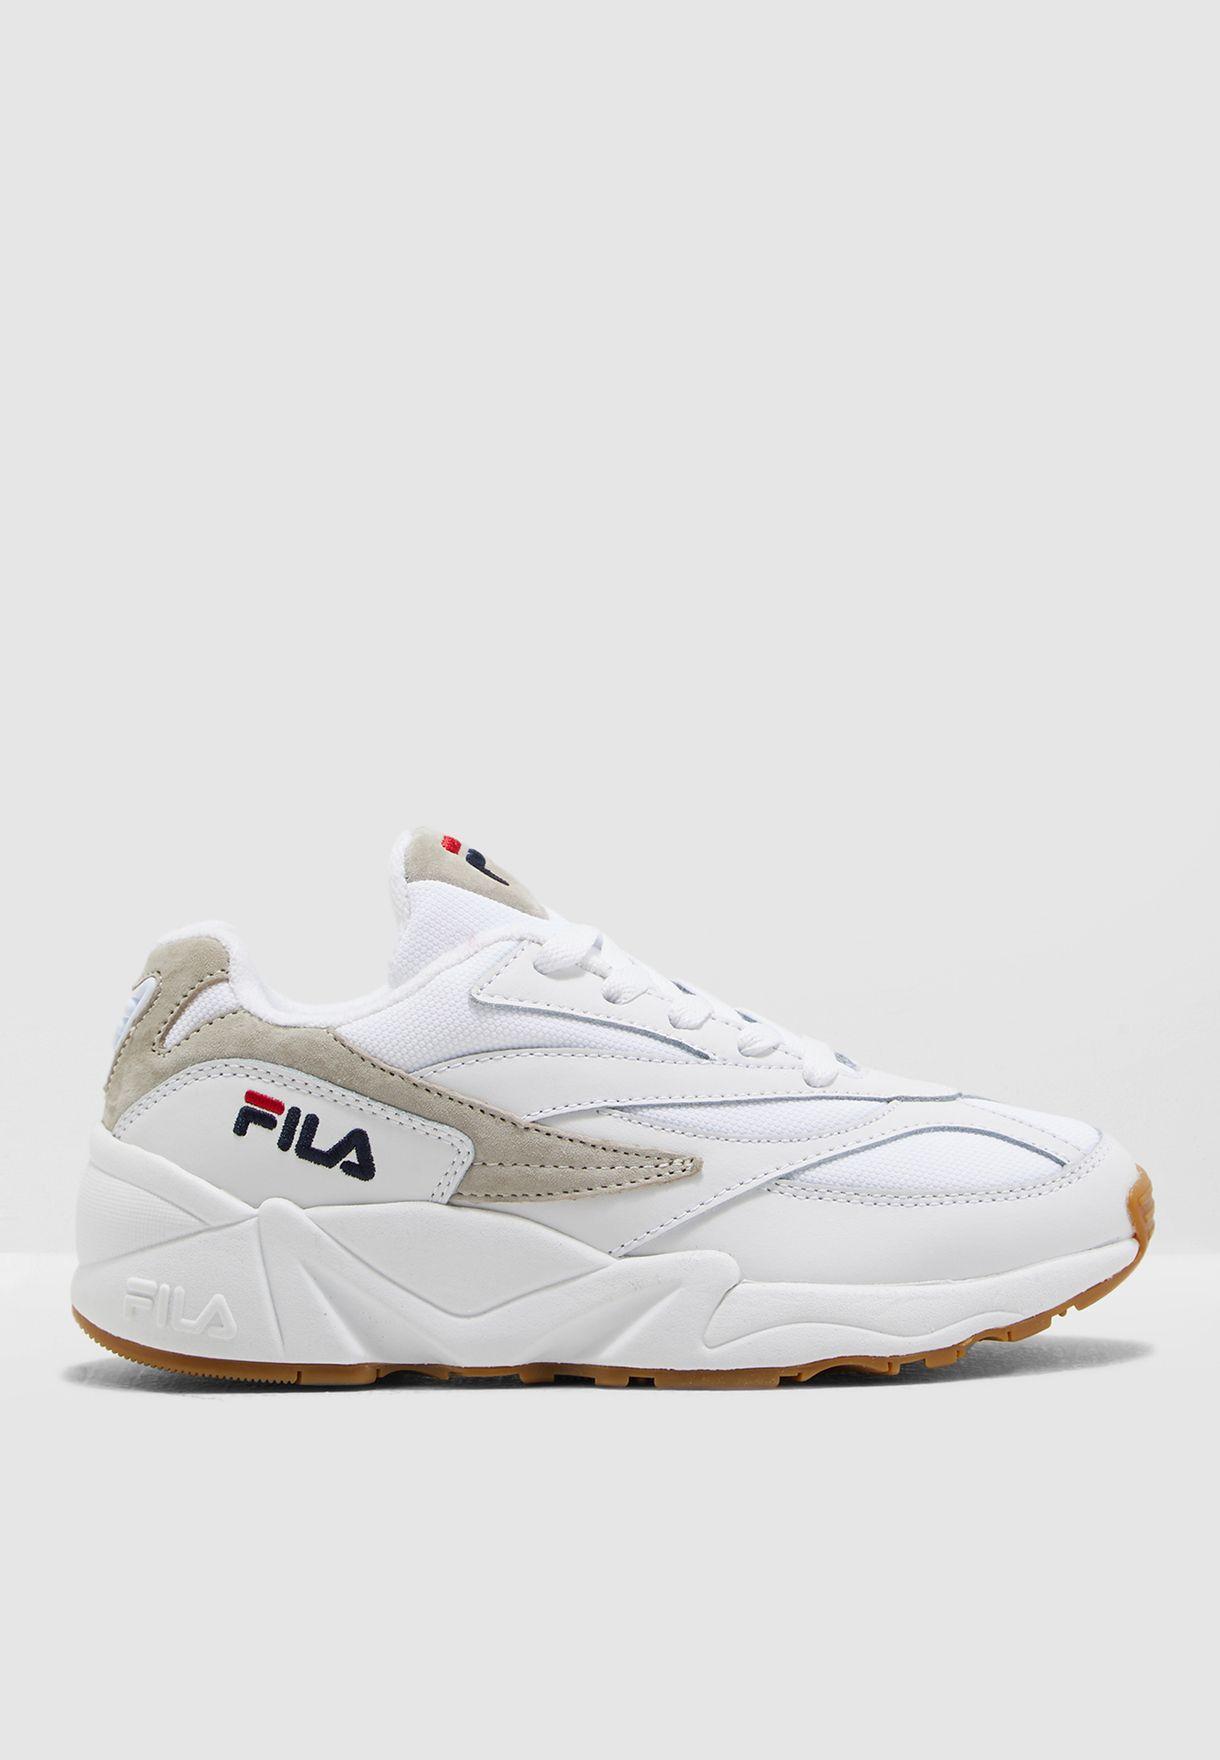 حذاء 94 فينوم لو